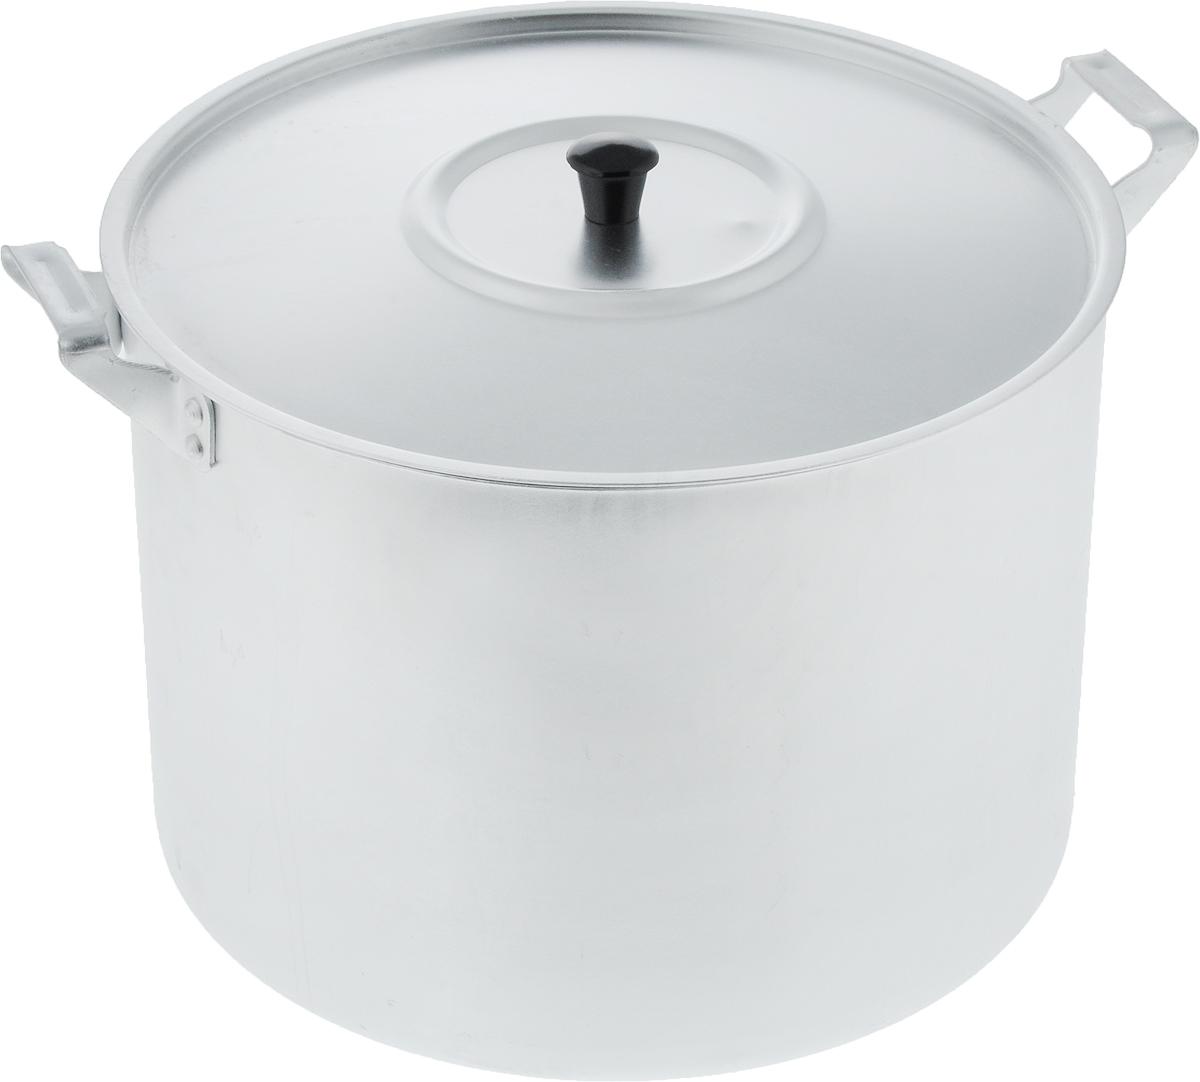 Кастрюля Scovo с крышкой, 10 лFS-91909Кастрюля Scovo с крышкой изготовлена из алюминия с полированной поверхностью. Посуда с полированной поверхностью медленно остывает, долго сохраняя тепло, поэтому идеально подходит для кипячения молока, воды, приготовления супов, каш.Кастрюля подходит для использования на всех типах плит, кроме индукционных. Можно мыть в посудомоечной машине. Алюминиевая посуда - это давно проверенная классика. Долговечная и недорогая, алюминиевая посуда не обладает привлекательным внешним видом, но может пережить многие испытания и не понести потерь. Даже деформация корпуса, в принципе, не влияет на дальнейший процесс приготовления пищи. Полированную алюминиевую посуду не рекомендуется мыть абразивными моющими средствами с использованием жестких щеток и других твердых материалов.Такая посуда пригодится не только дома, но и станет незаменимой в походах или поездках за город.Диаметр кастрюли (по верхнему краю): 26 см.Высота стенки: 19 см.Объем кастрюли: 10 л.